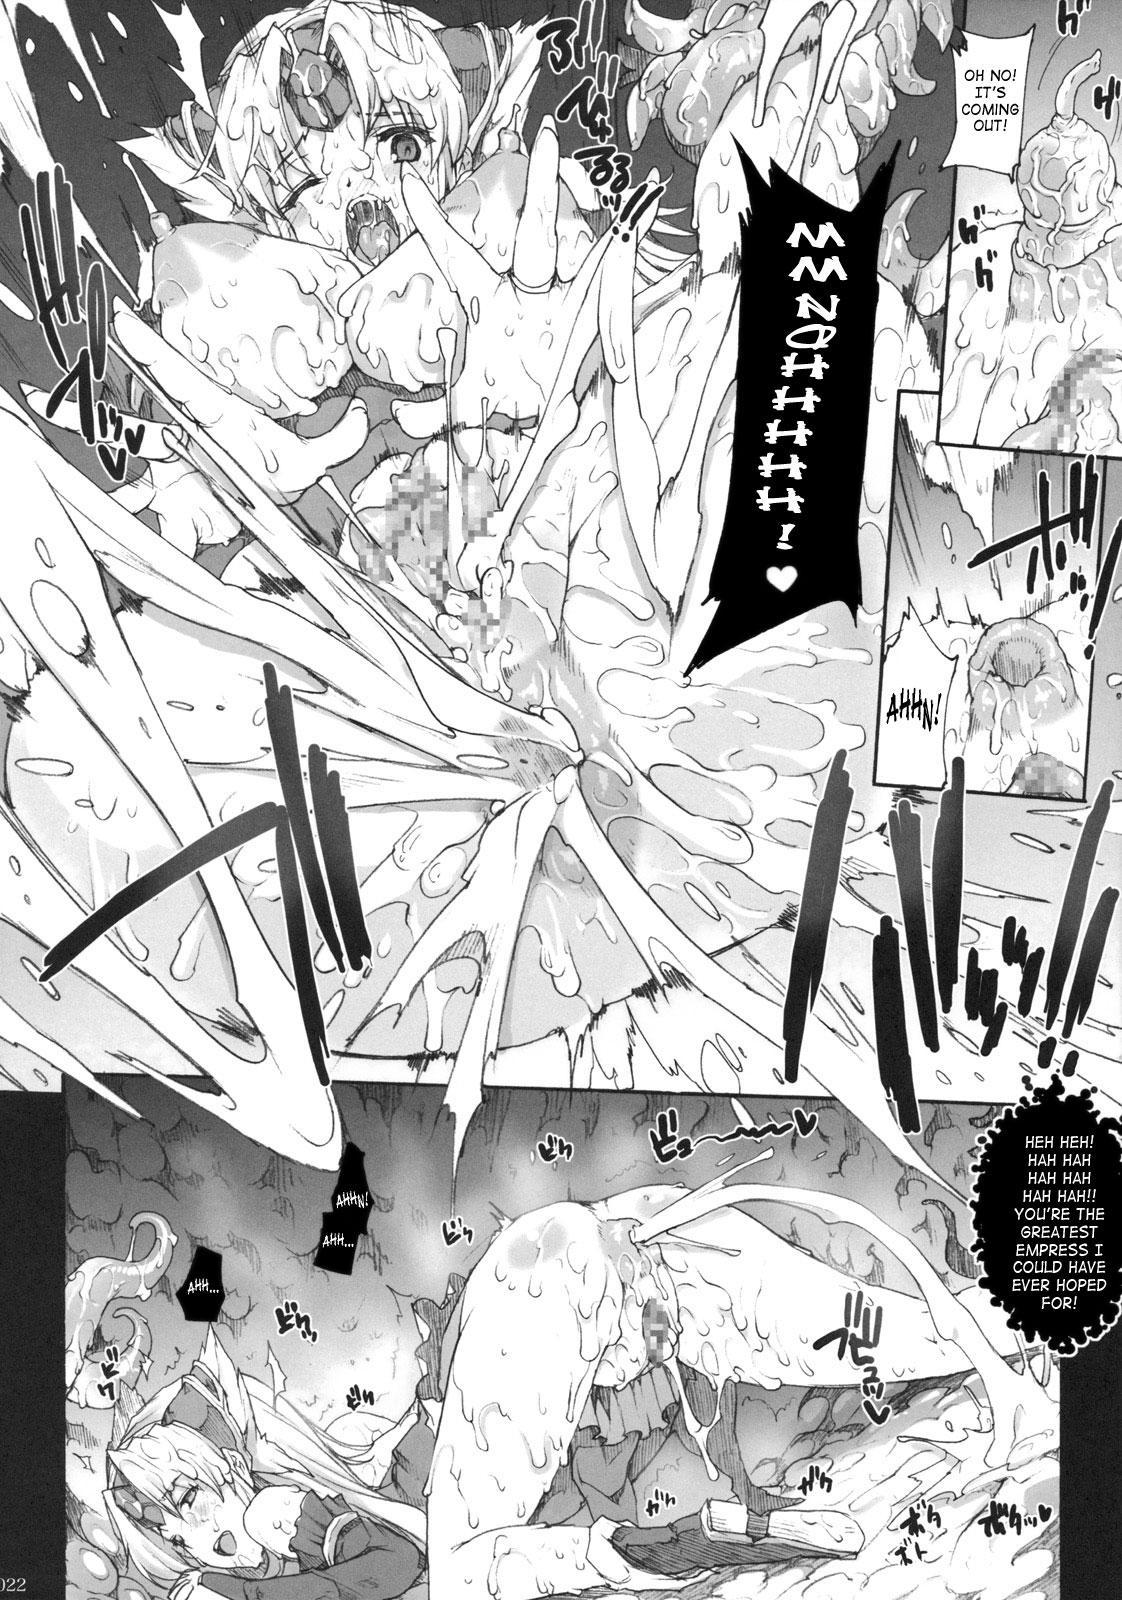 Injiru Oujo IV - Erotic Juice Princess 4 20